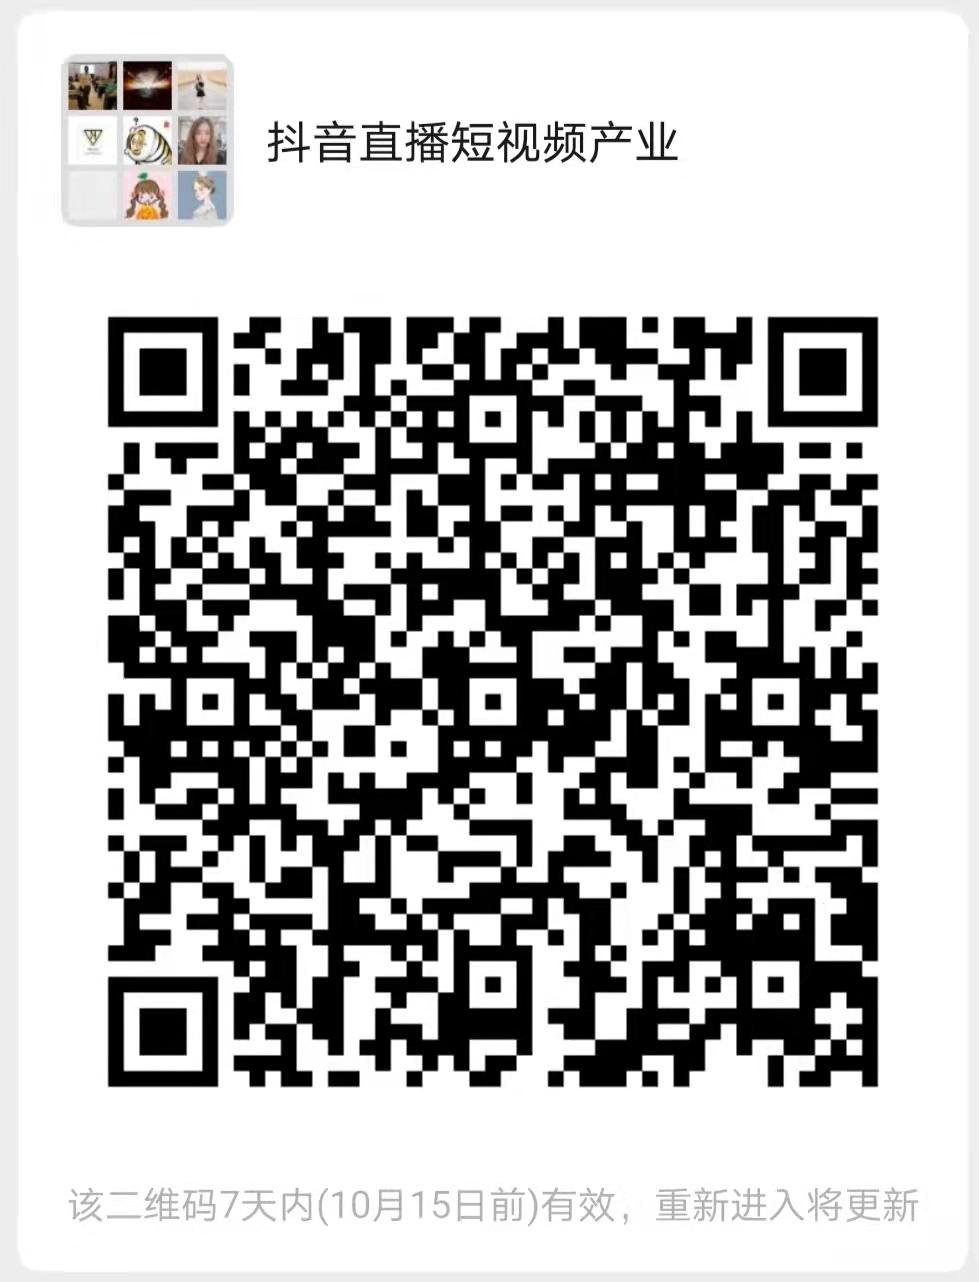 微信图片_20211008103229.jpg